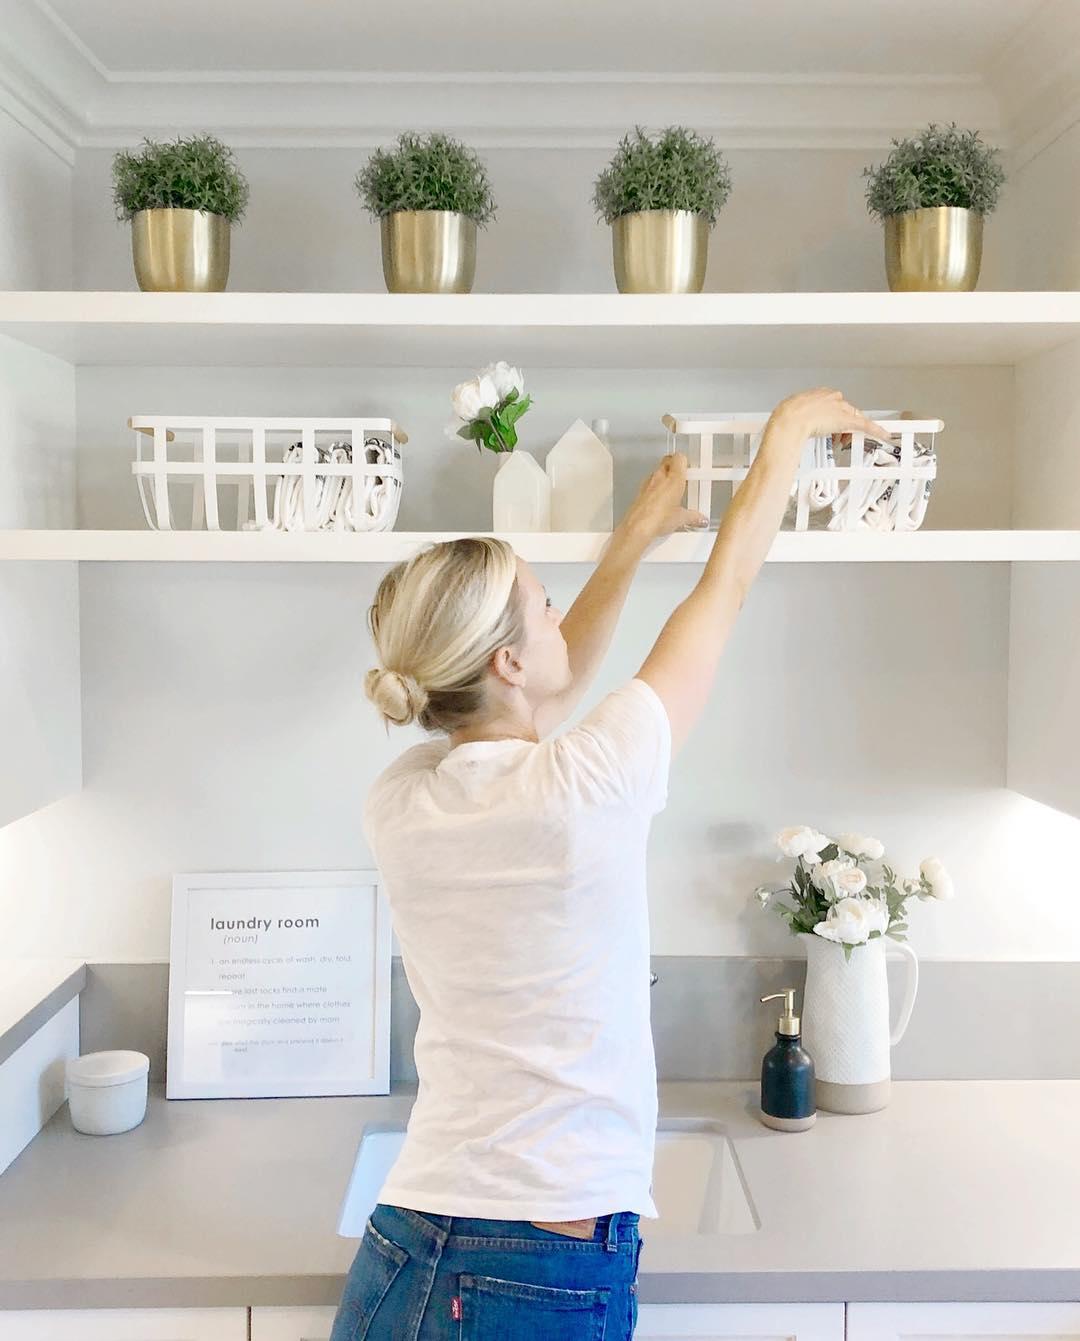 Полезный инстаграм: 10 лучших специалистов по организации пространства и порядку в доме